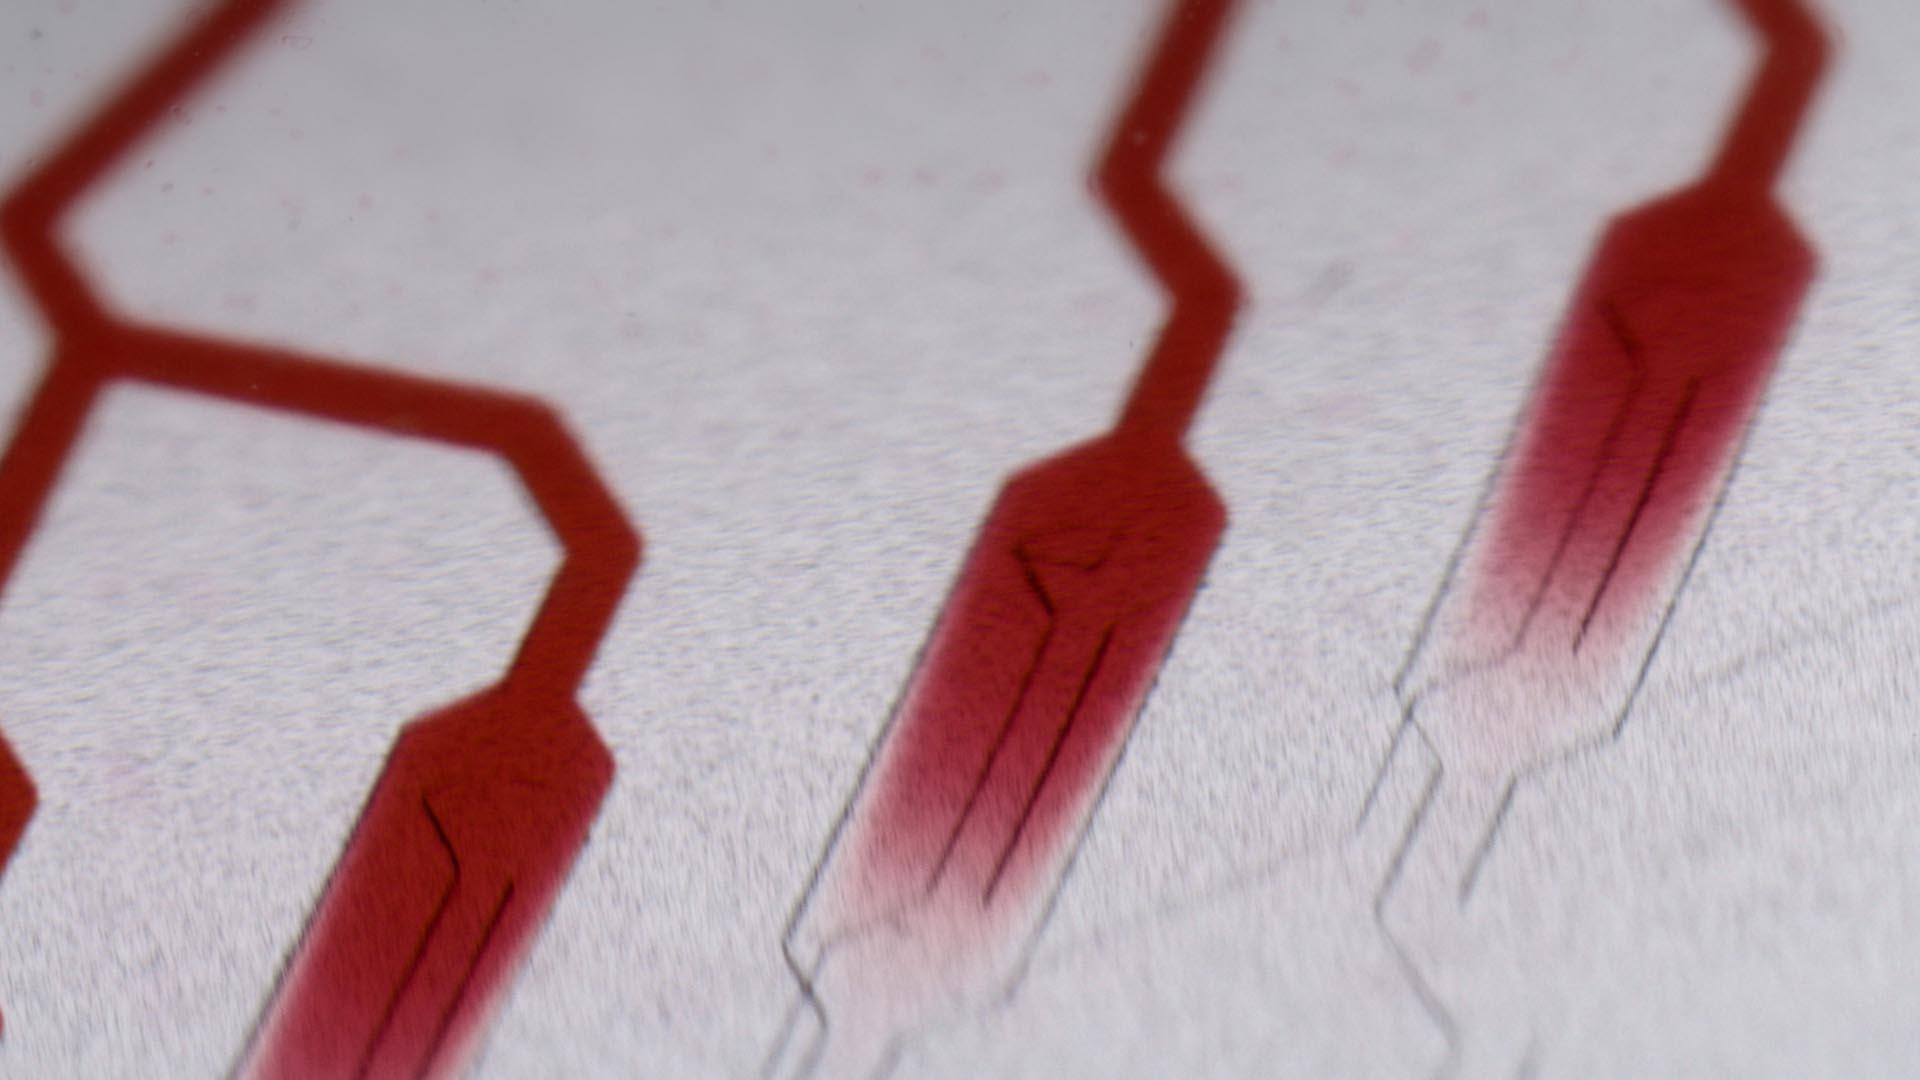 Ausschnitt aus dem Fraunhofer Recruitingspot, Mikroskopansicht von Zellen